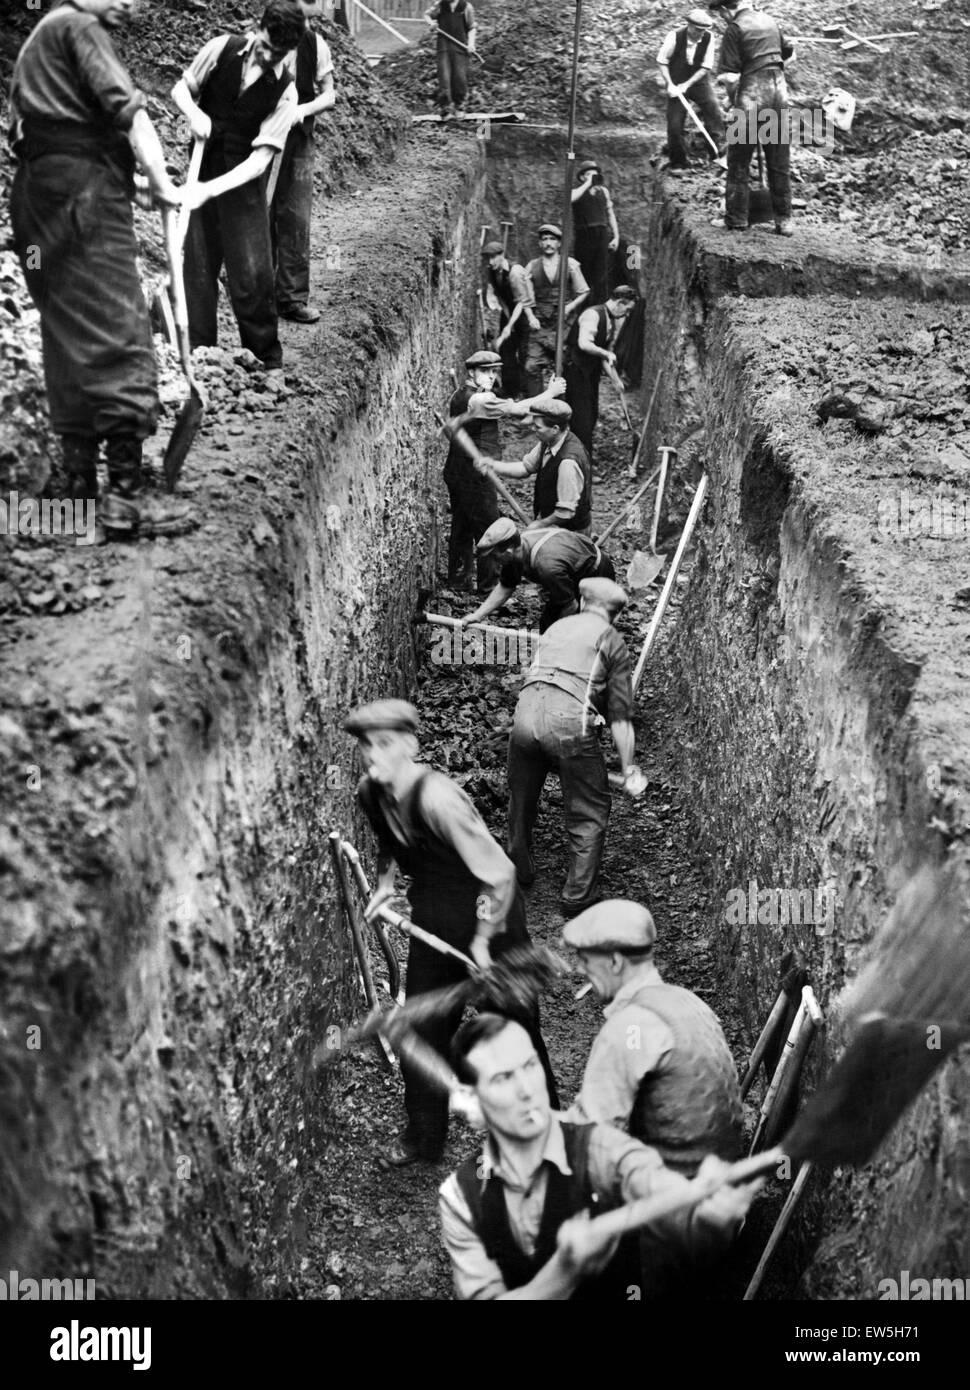 Man Digging Stock Photos - Image: 733123